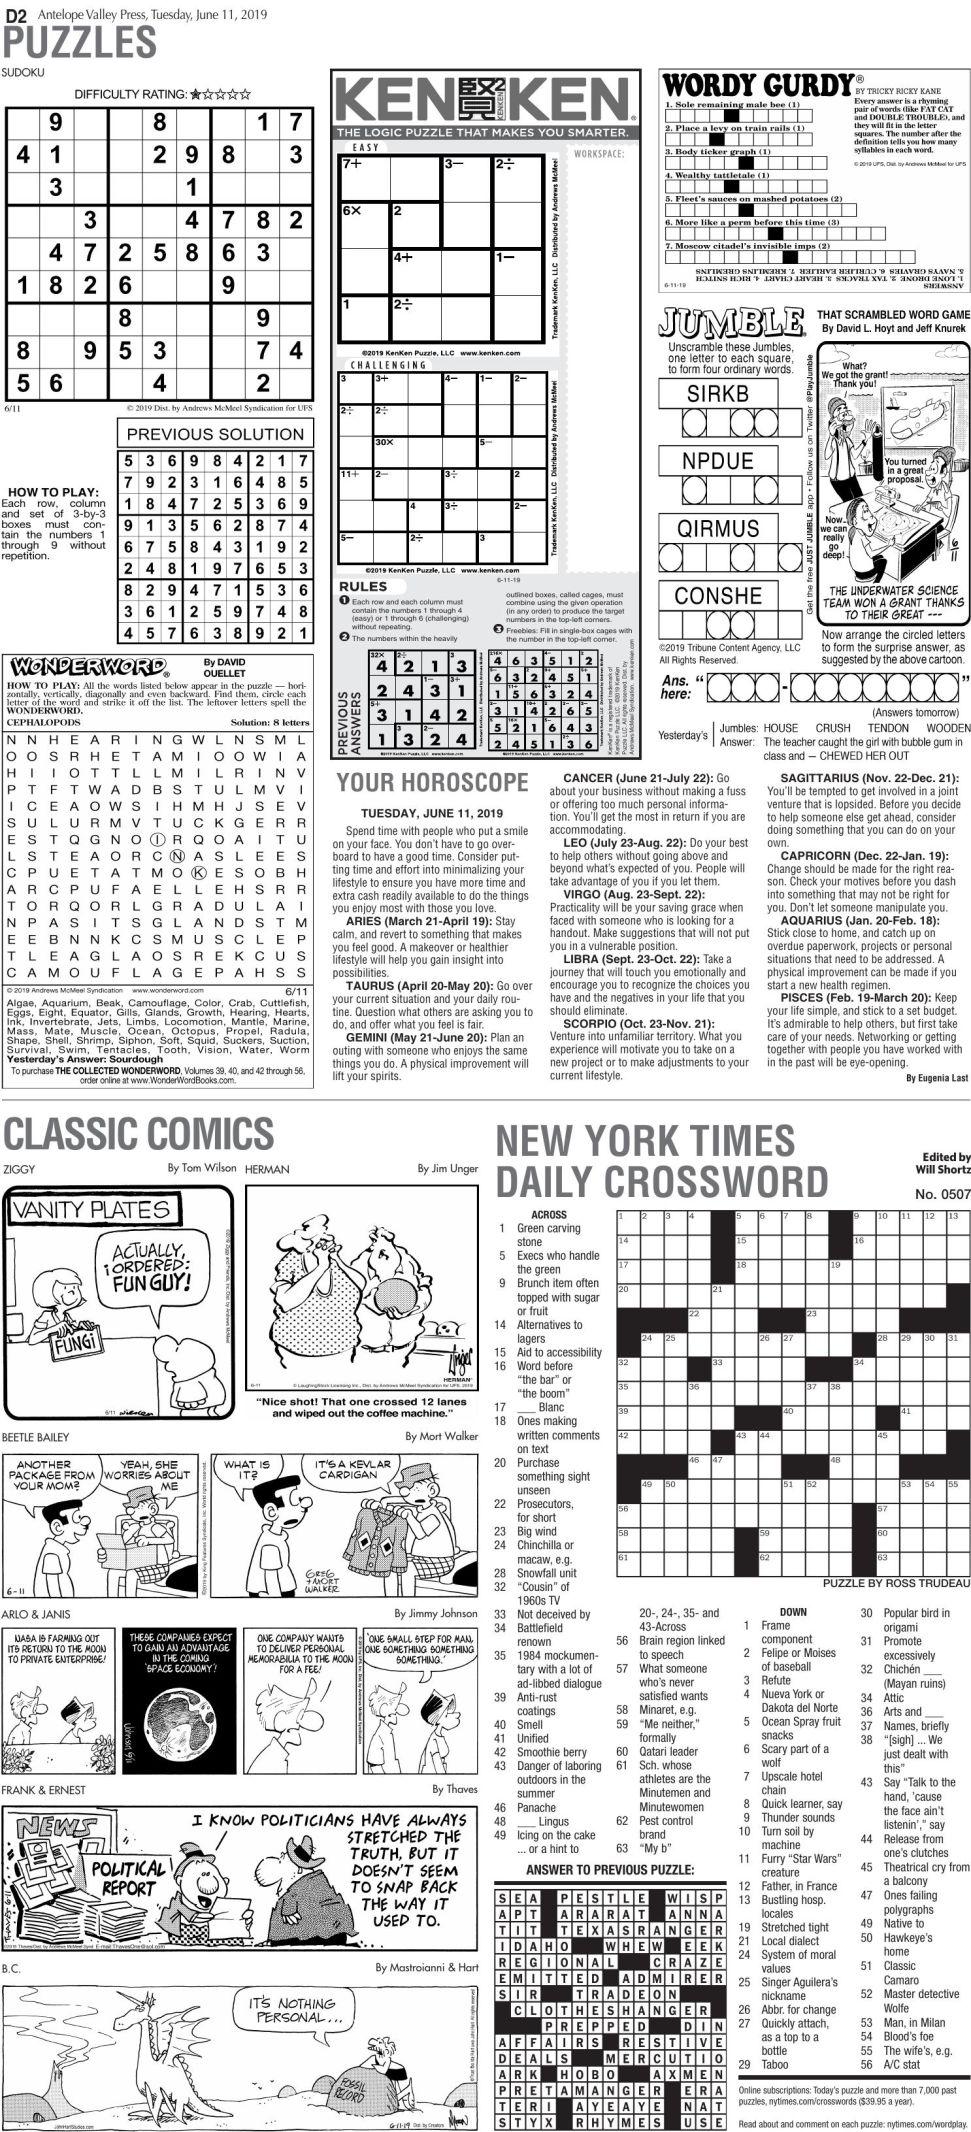 June 11, 2019 Puzzles